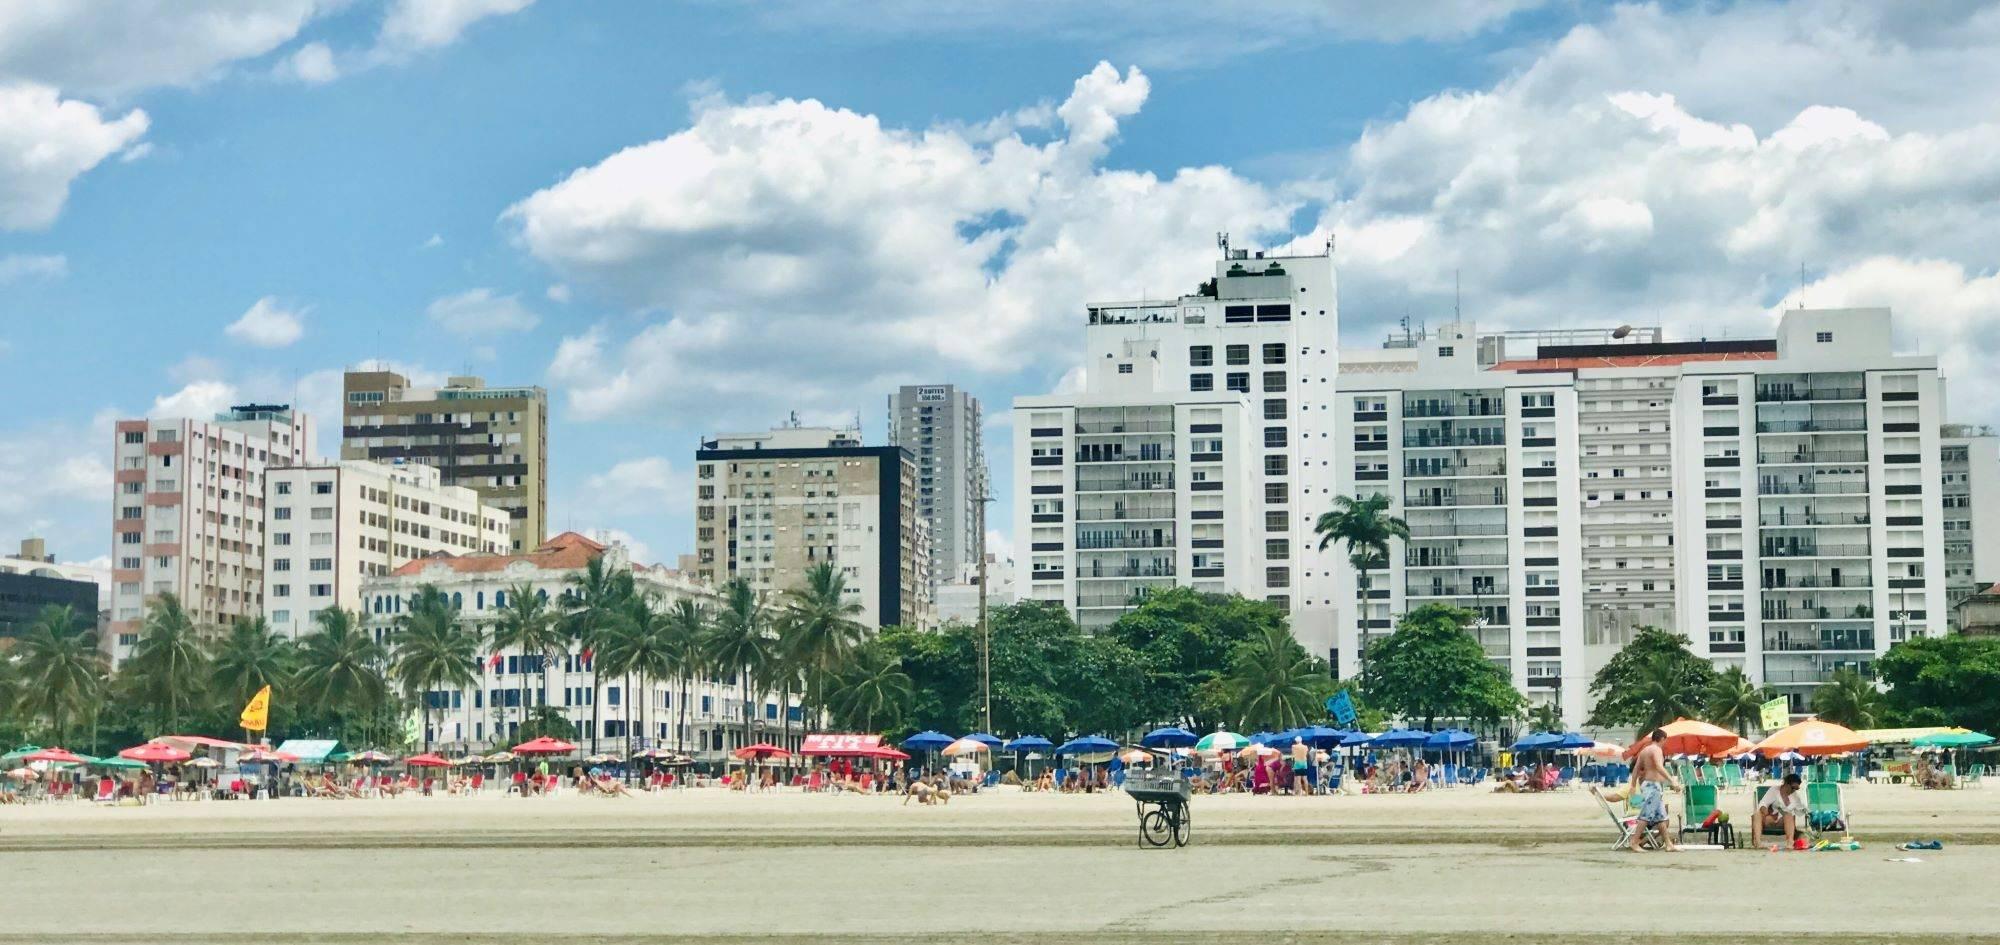 www.juicysantos.com.br - hotéis no gonzaga em santos sp